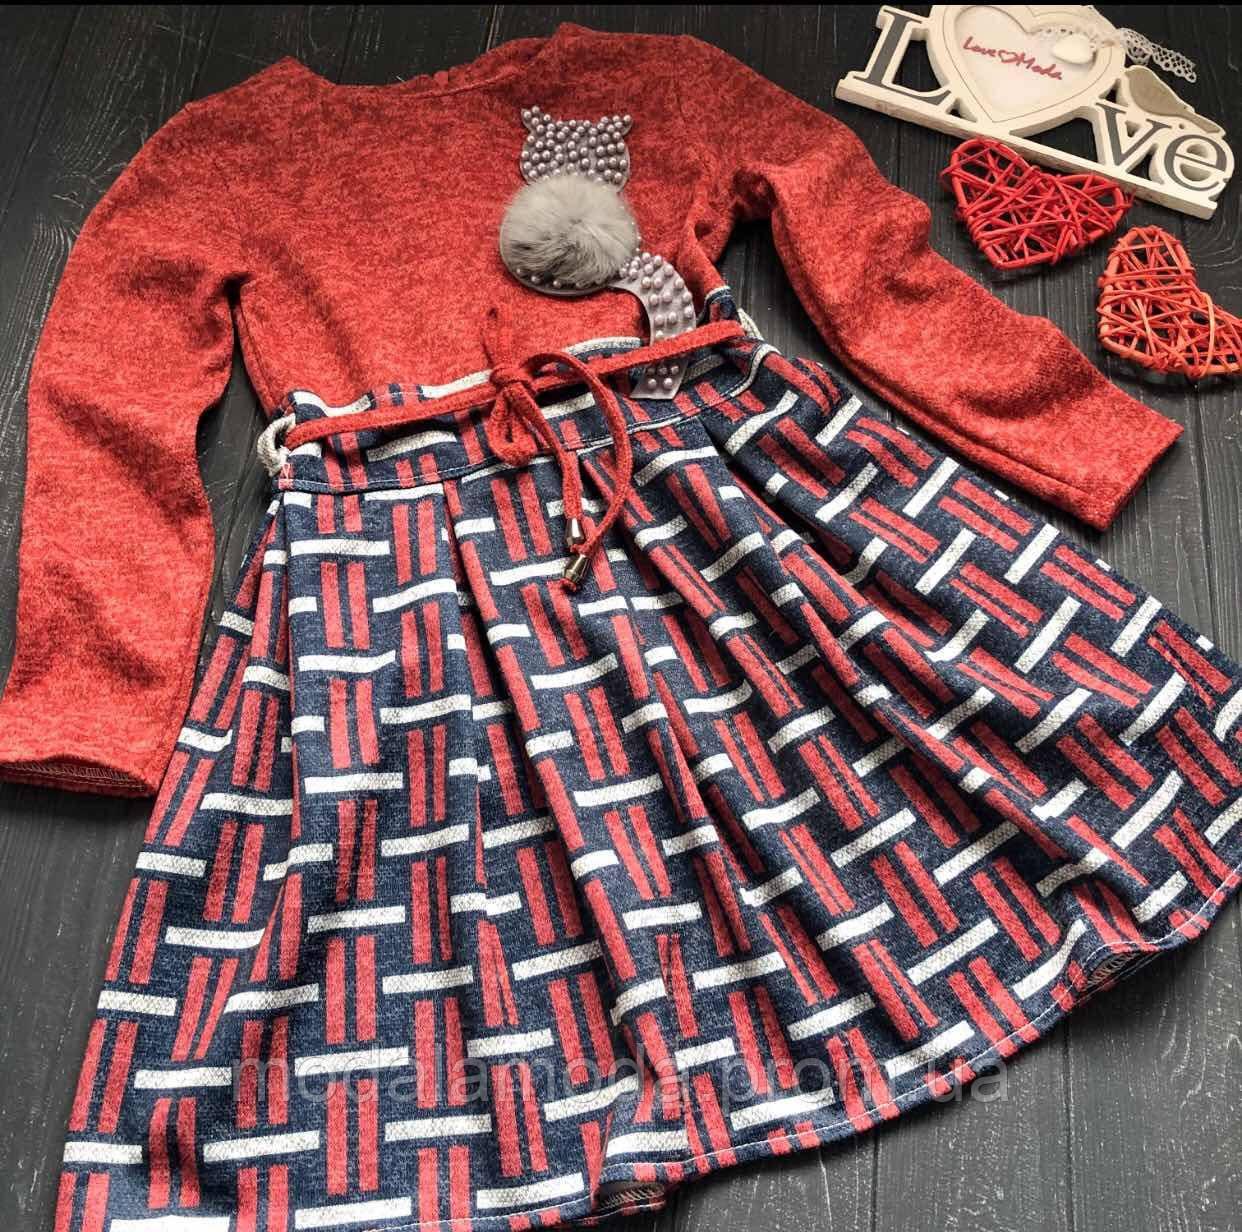 Платье тёплое, с апликацией с бусинами, юбка в клетку на пояску, фото 1